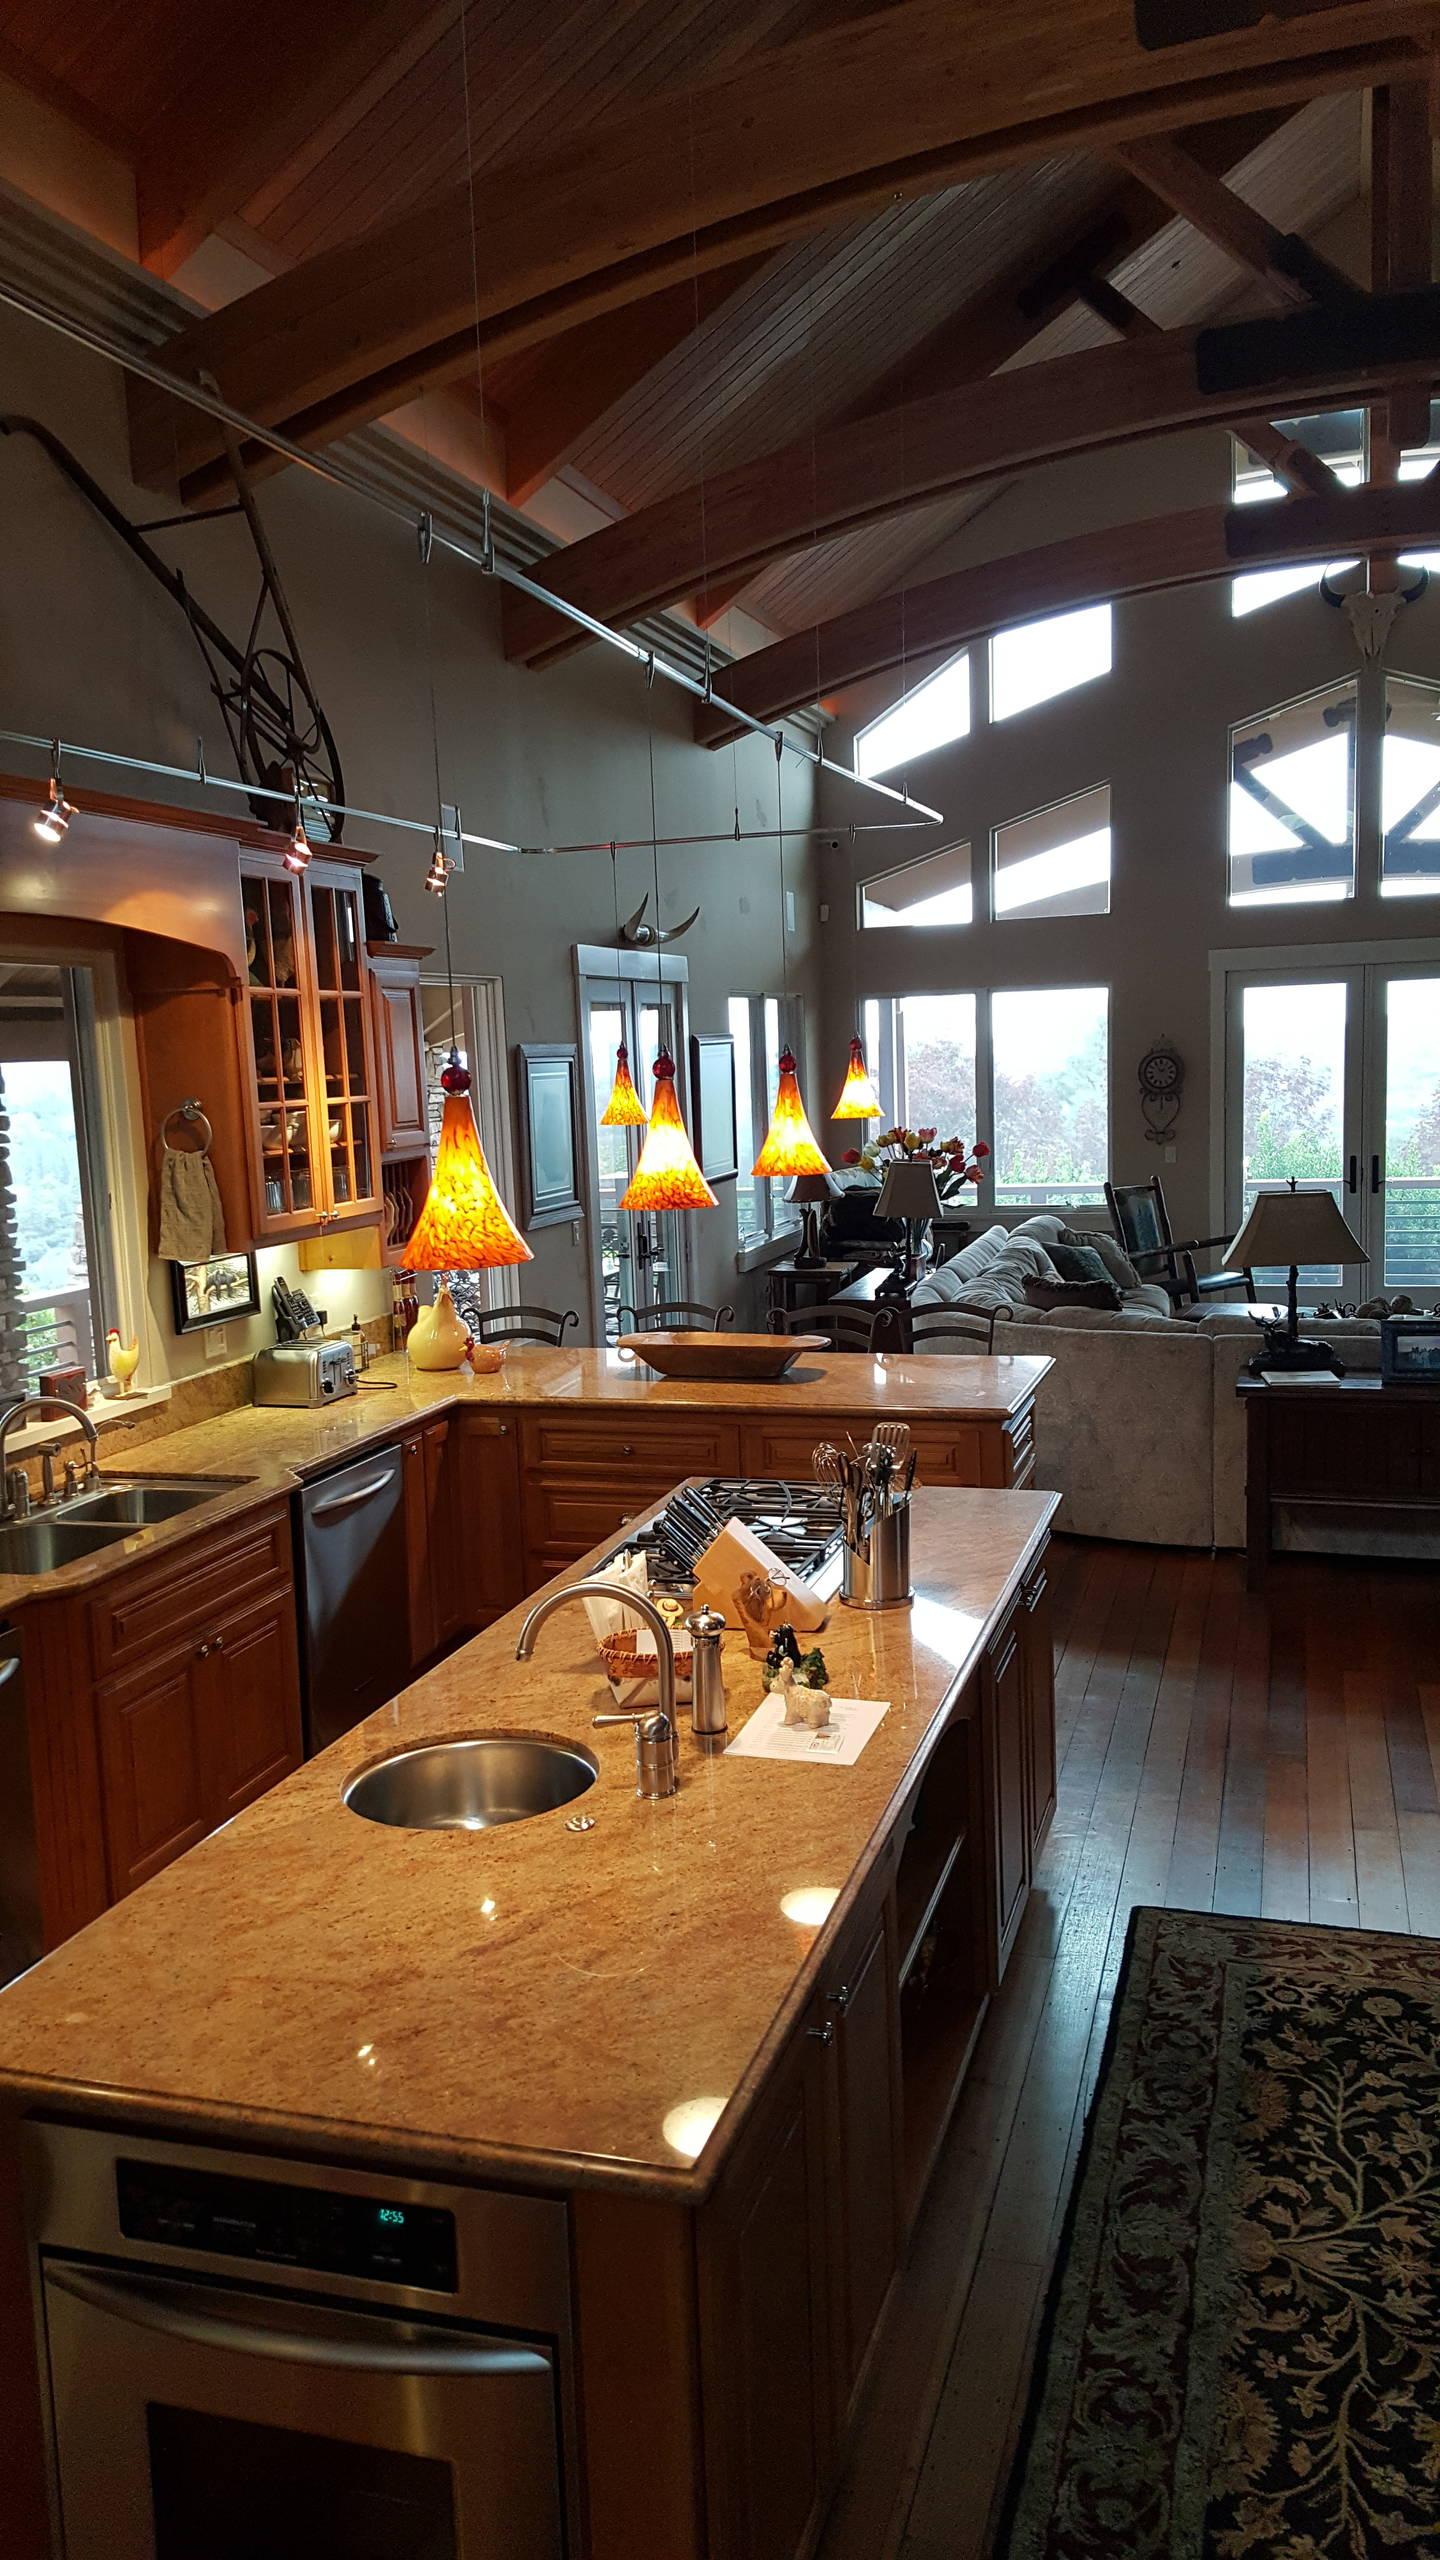 Rustic - Fuller Residence